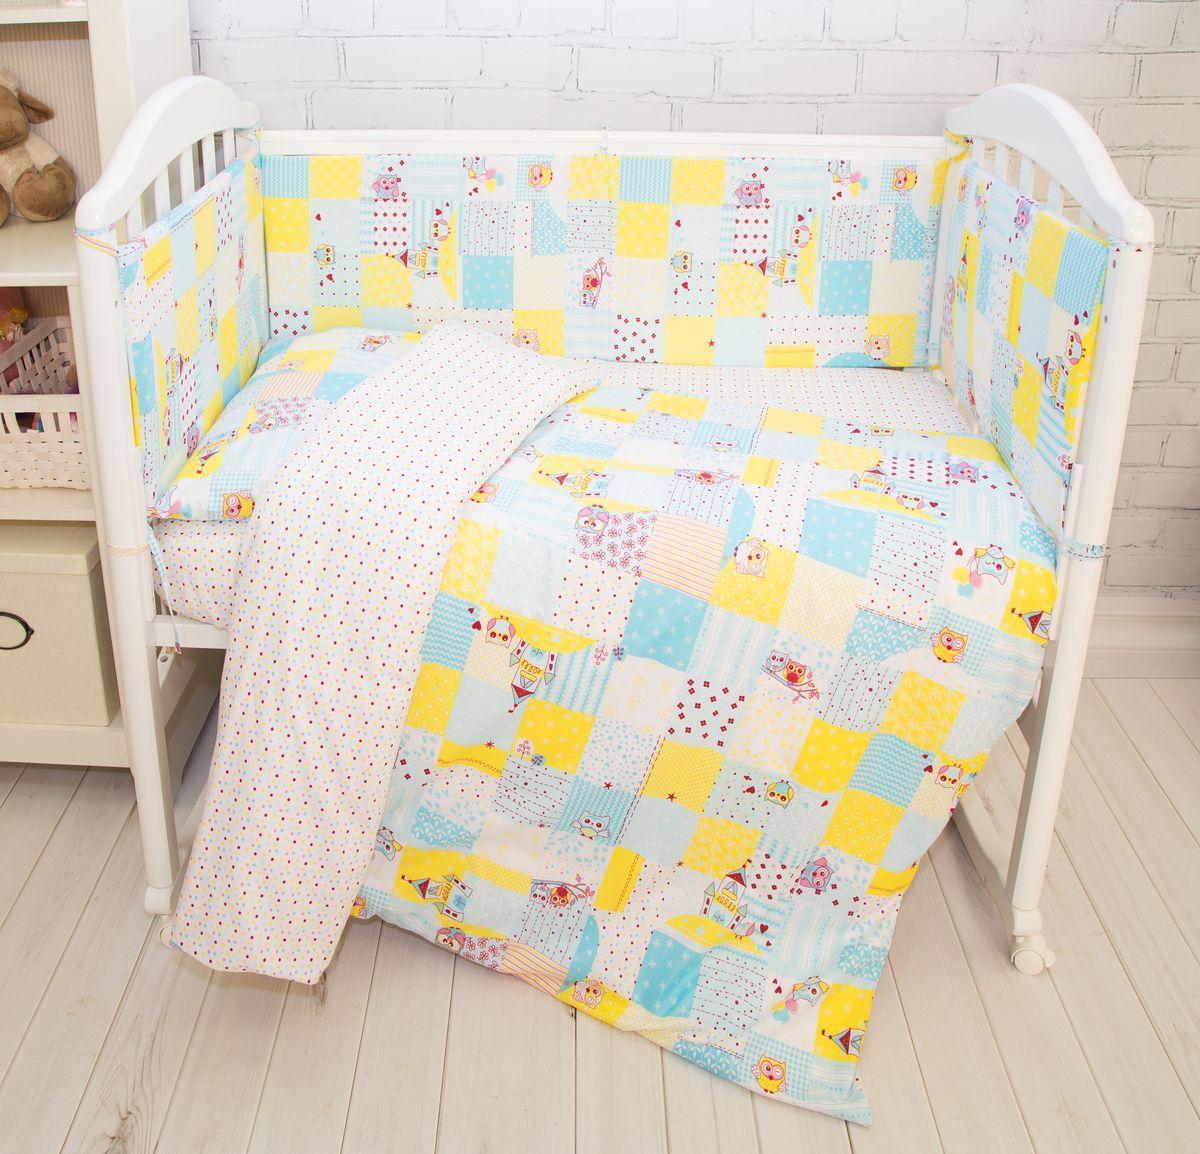 Споки Ноки Комплект в кроватку Совы 6 предметов цвет голубой531-105Комплект в кроватку Споки Ноки Совы для самых маленьких должен быть изготовлен только из самой качественной ткани, самой безопасной и гигиеничной, самой экологичнойи гипоаллергенной. Отлично подходит для кроваток малышей, которые часто двигаются во сне. Хлопковое волокно прекрасно переносит стирку, быстро сохнет и не требует особого ухода, не линяет и не вытягивается. Ткань прошла специальную обработку по умягчению, что сделало её невероятно мягкой и приятной к телу. Состав комплекта: (простынь 112х147, пододеяльник 112х147, наволочка 40х60, борт (120х35 - 2 шт, 60х35 - 2 шт) , одеяло с наполнителем файбер 110х140, подушка 40х60